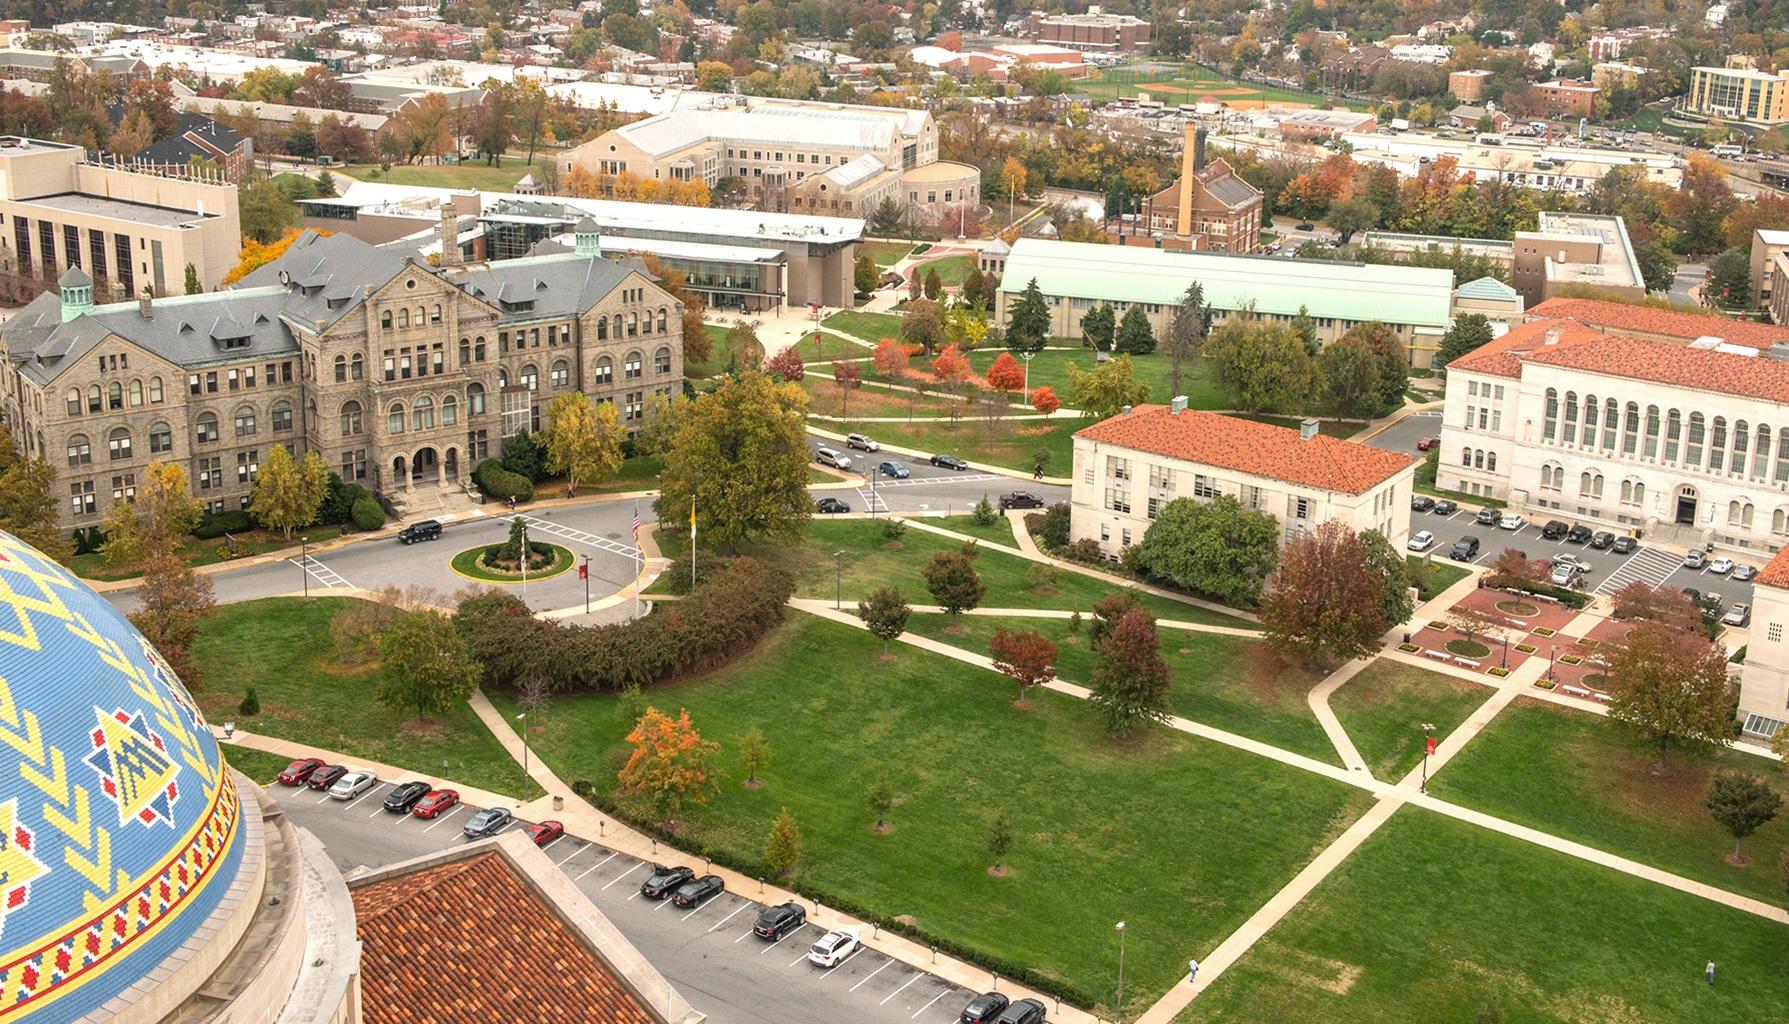 cua_campus_overall_A_jpg (2).jpg